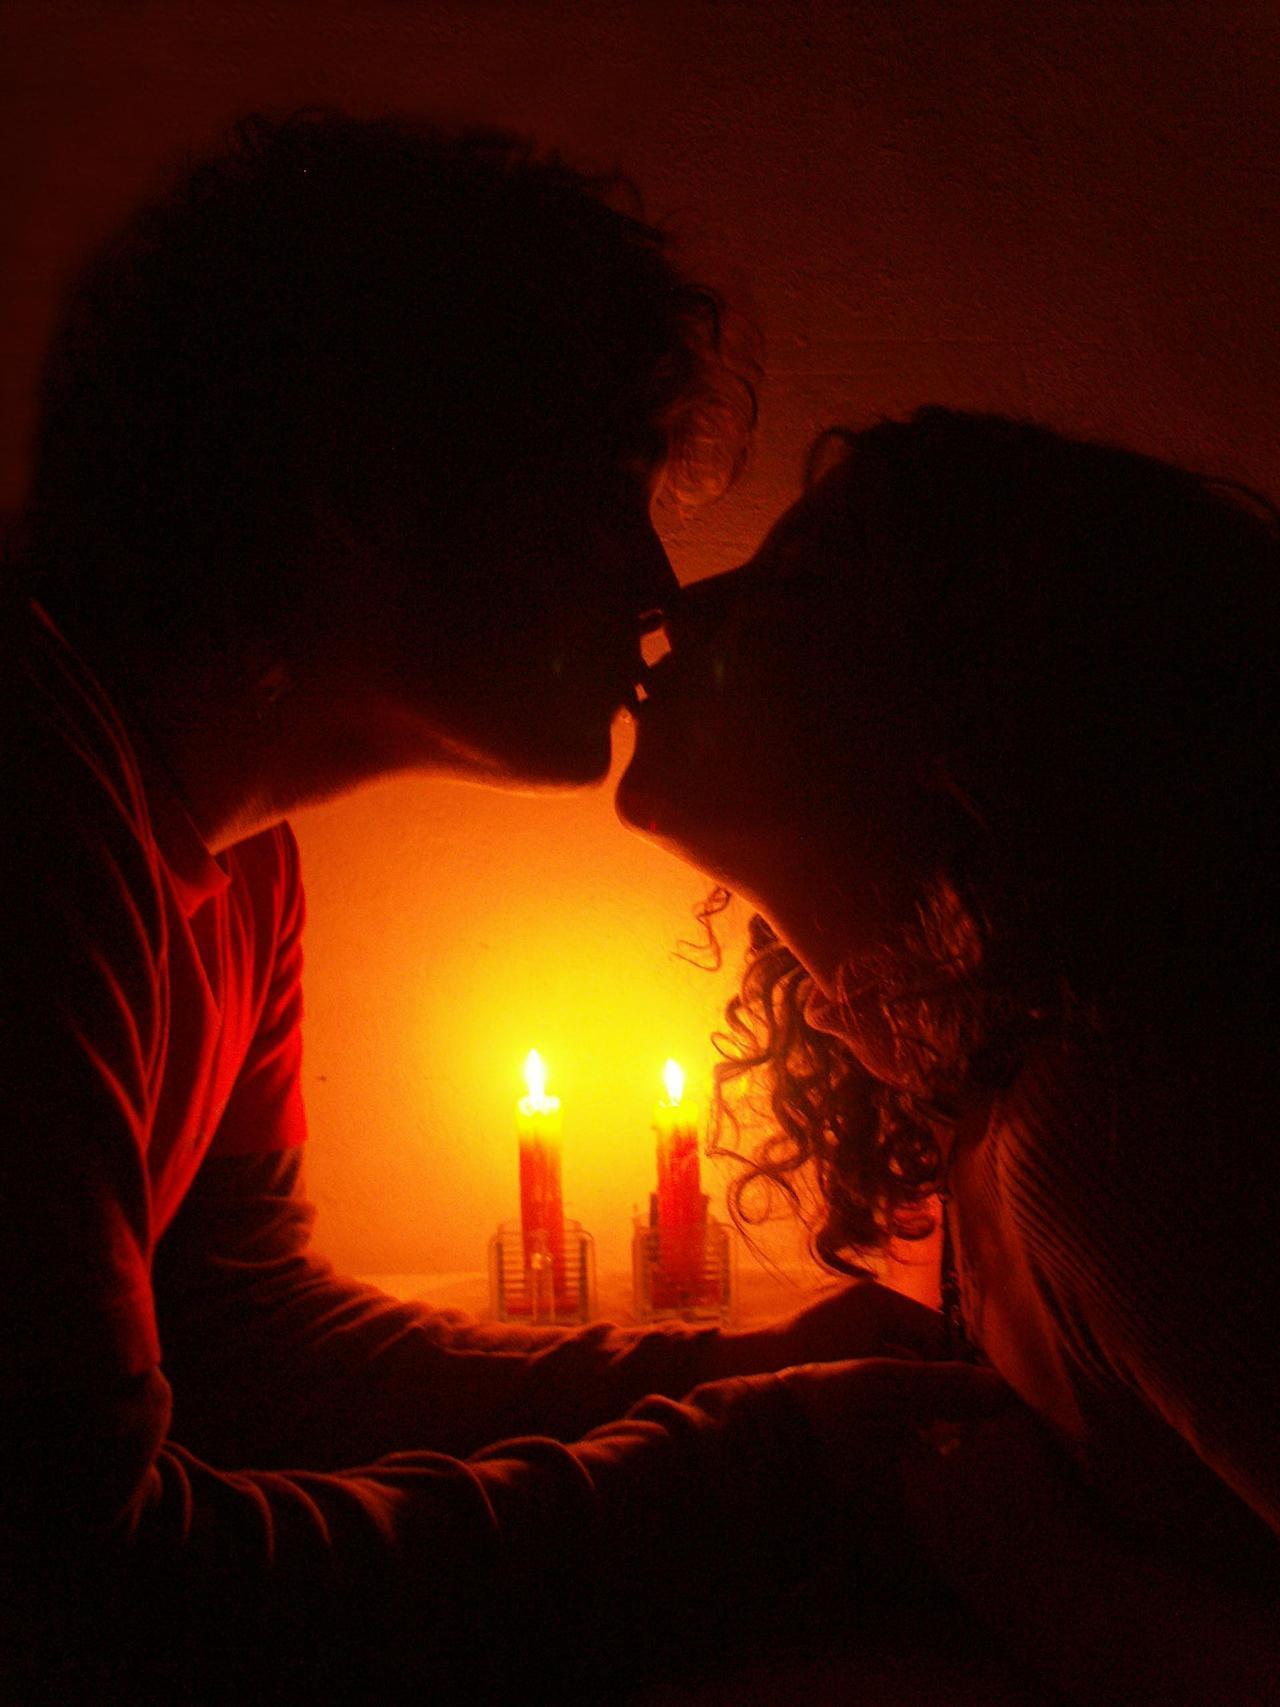 книге ночной поцелуй для любимого картинки захватывает группа террористов